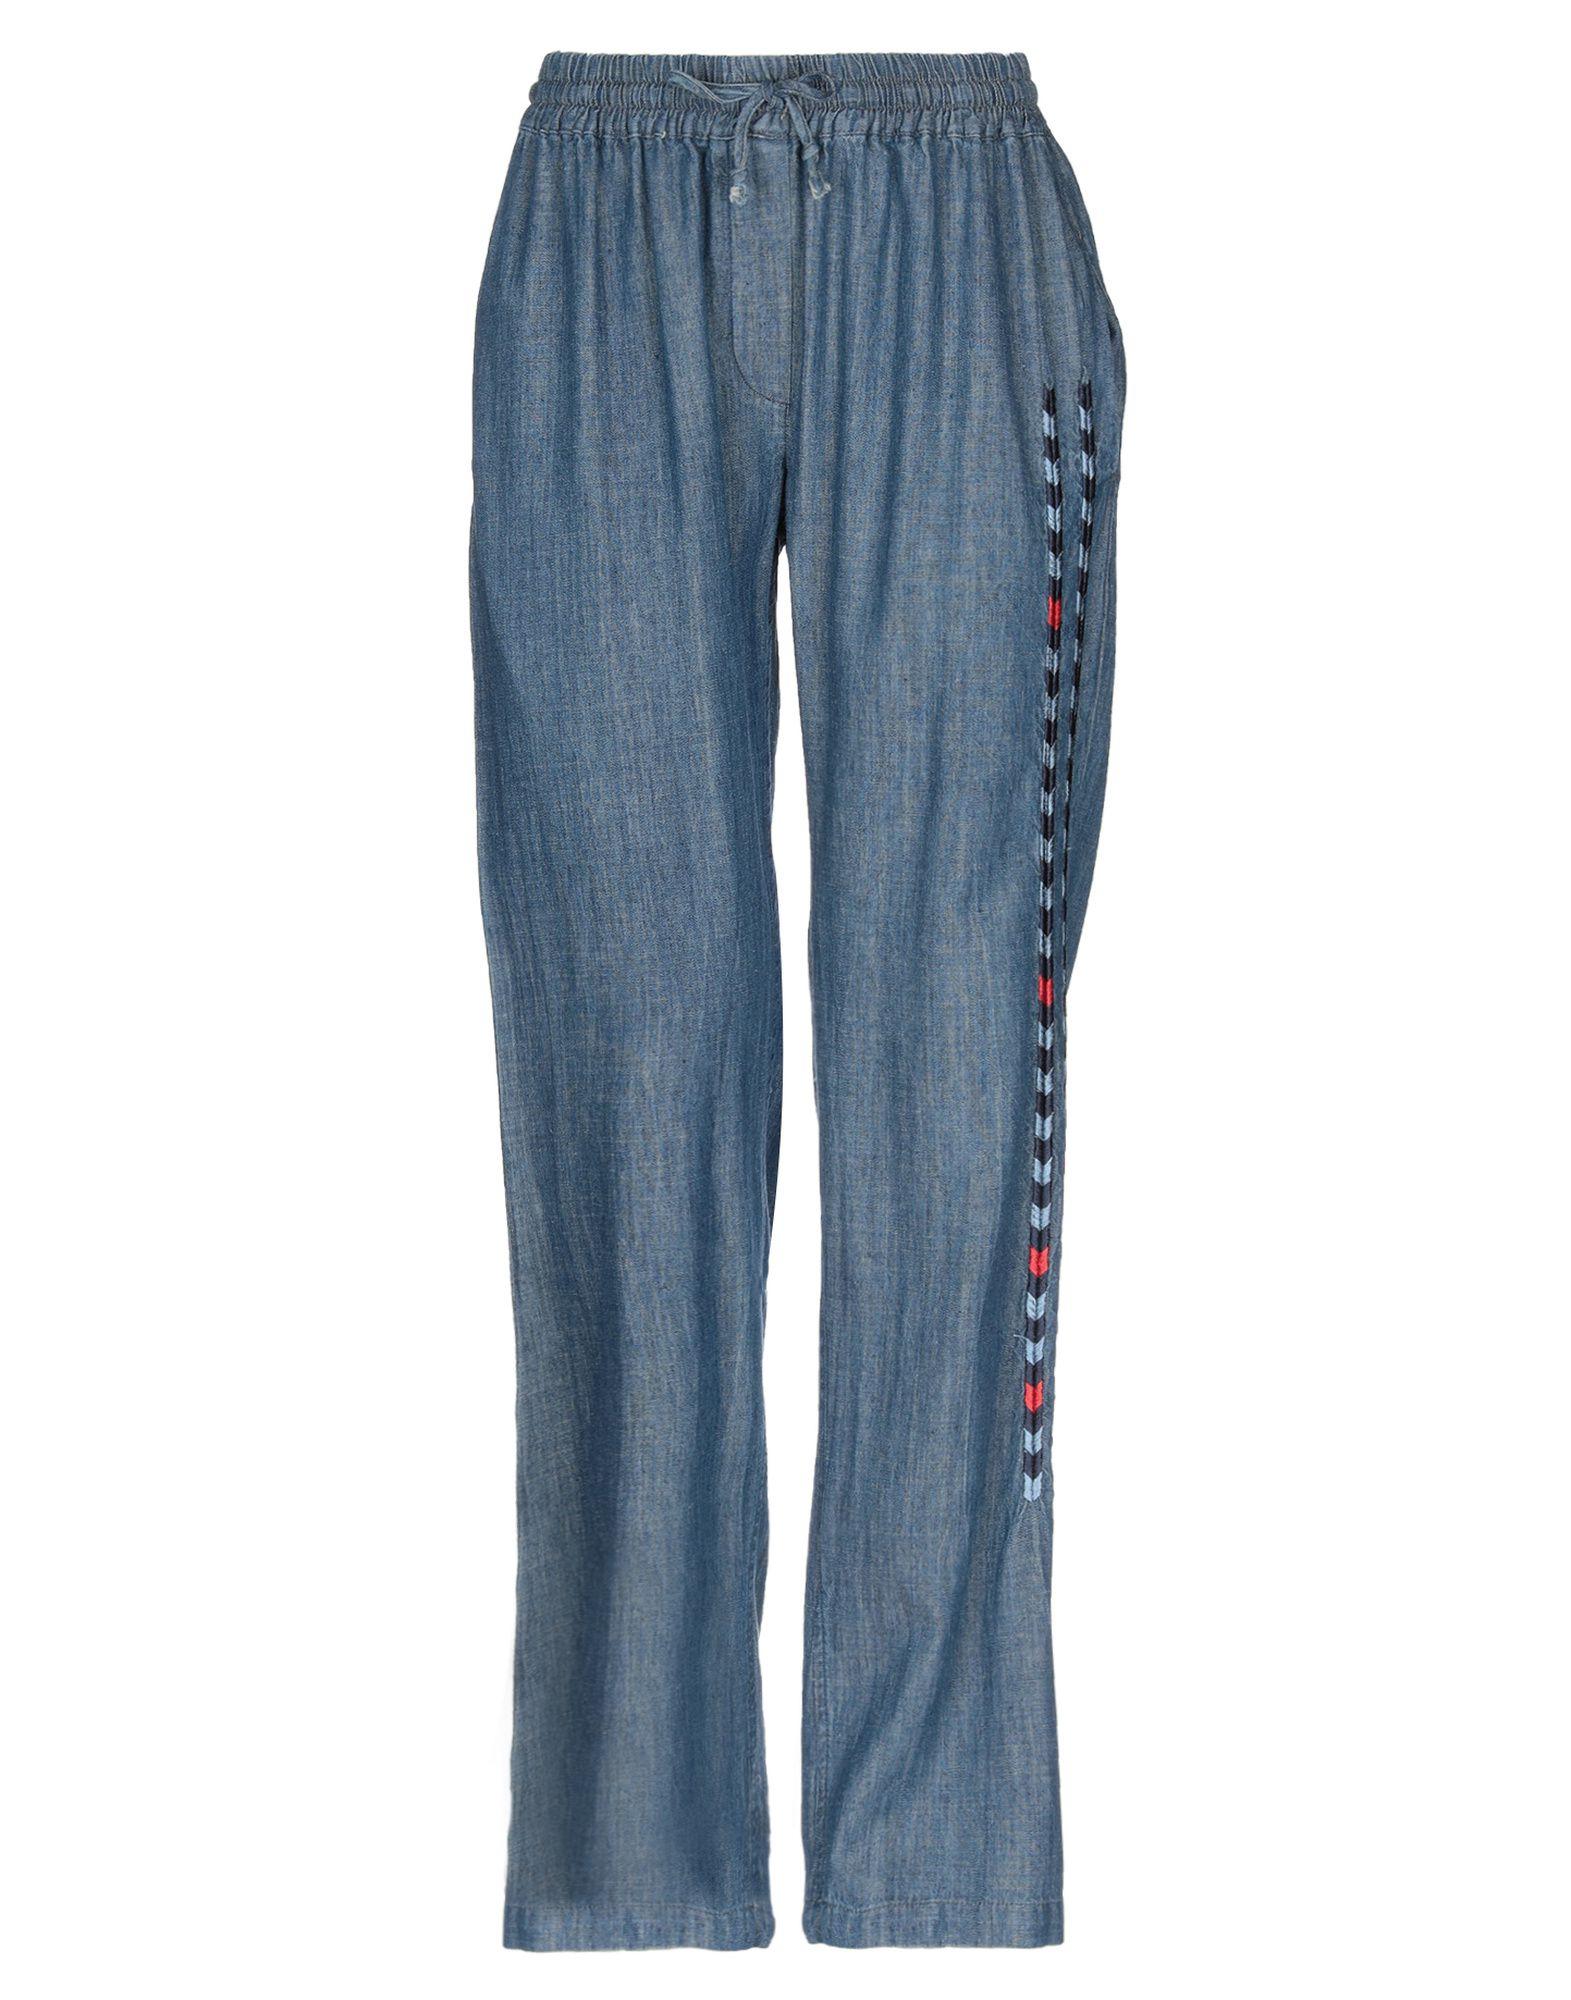 JO! by CREATIVE JORDAN Джинсовые брюки все цены